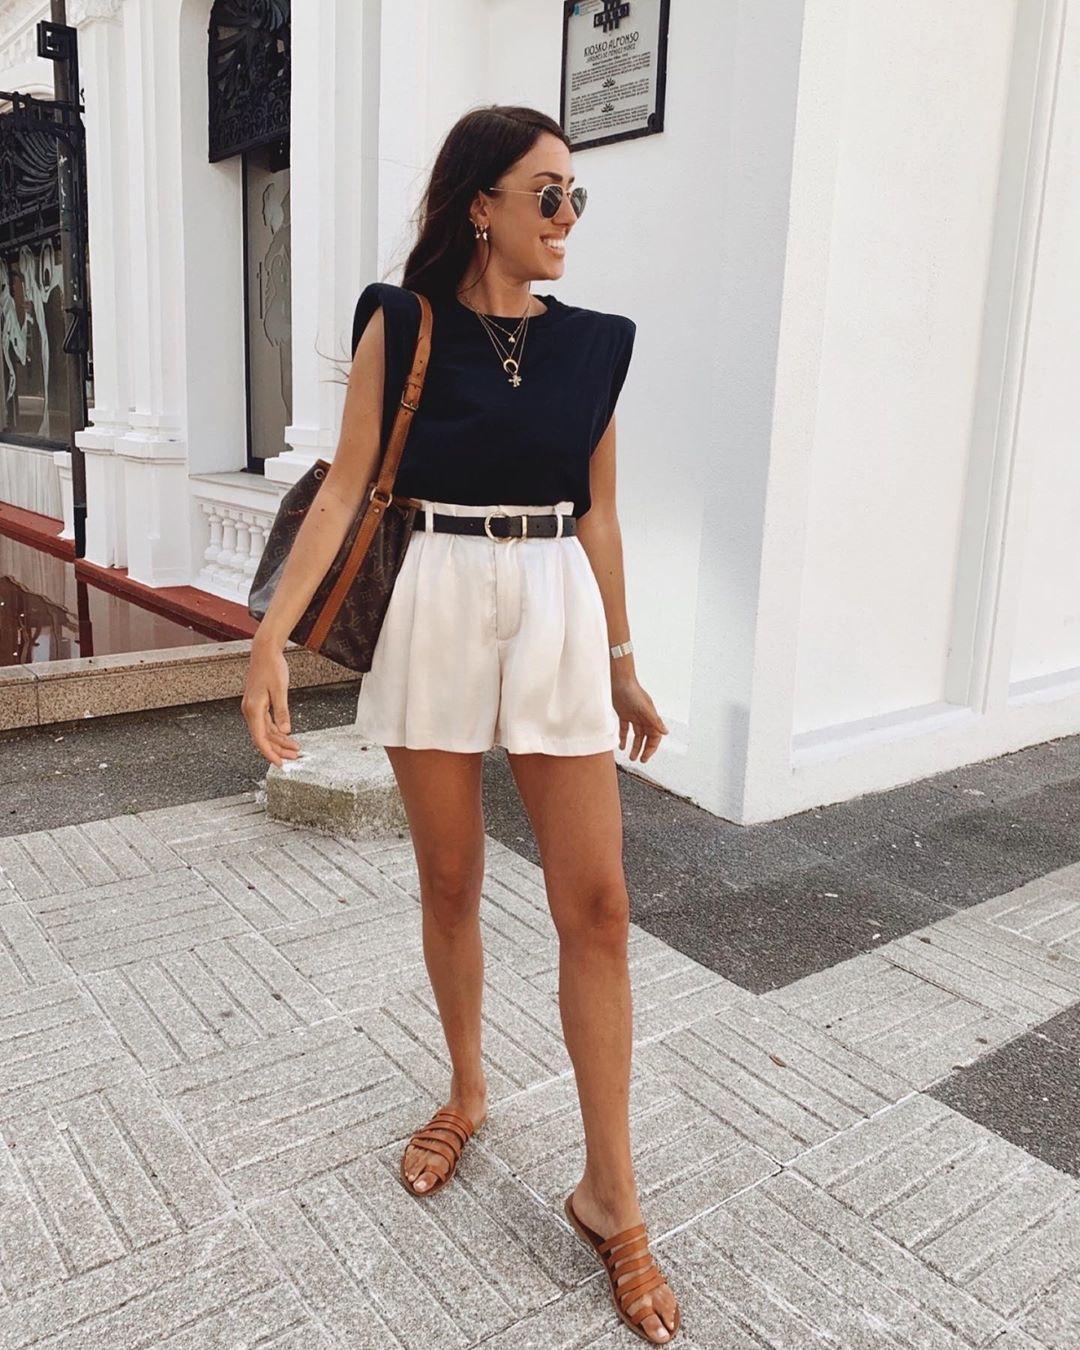 shoes flat sandals High waisted shorts black top shoulder bag